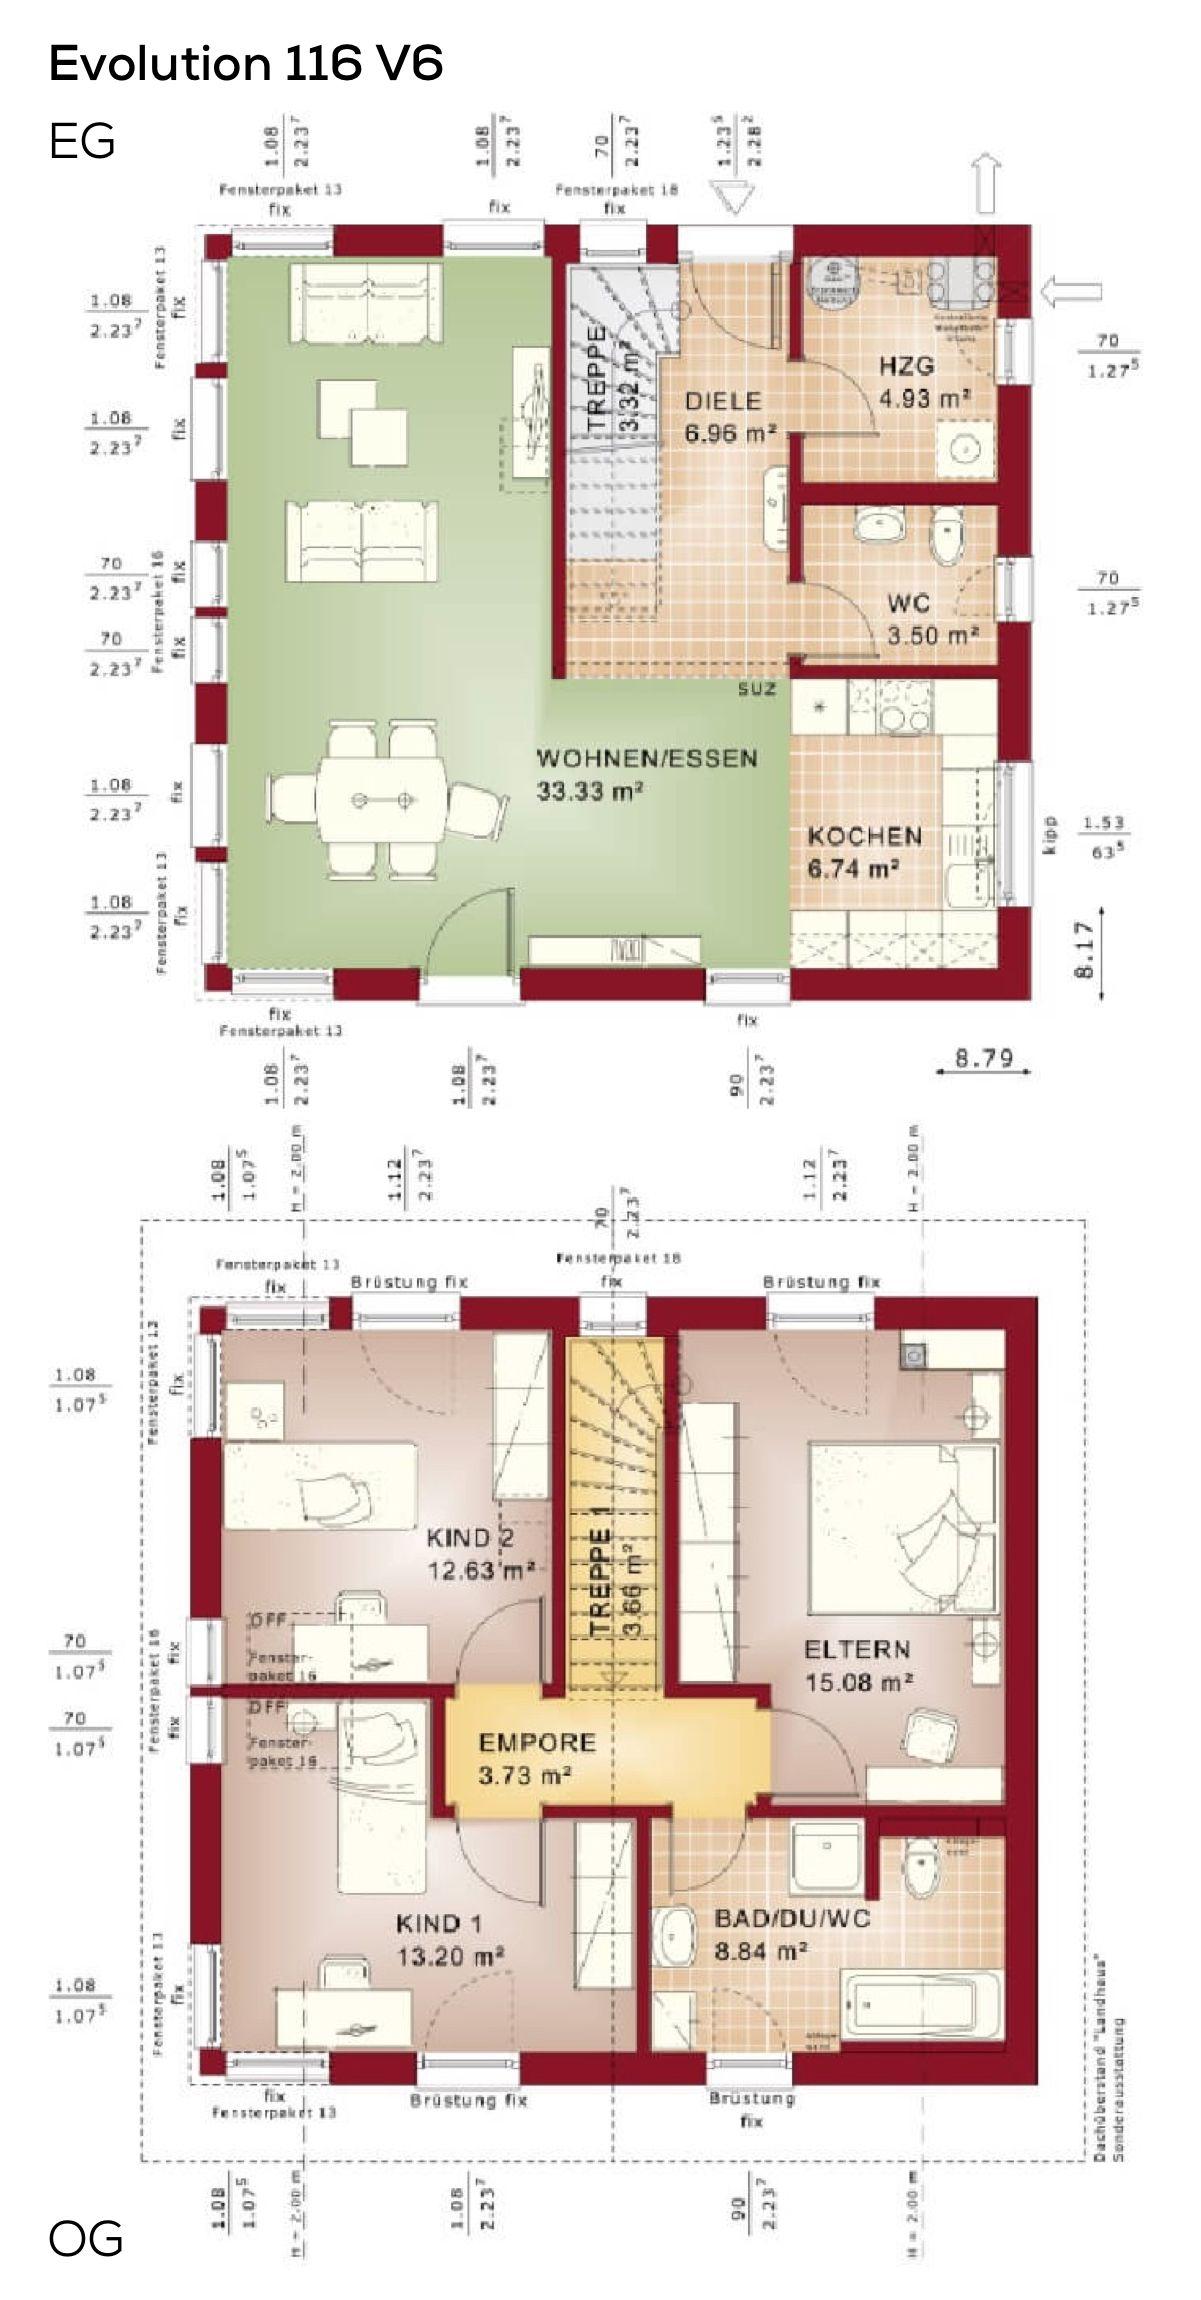 einfamilienhaus grundriss modern 4 zimmer erdgeschoss. Black Bedroom Furniture Sets. Home Design Ideas